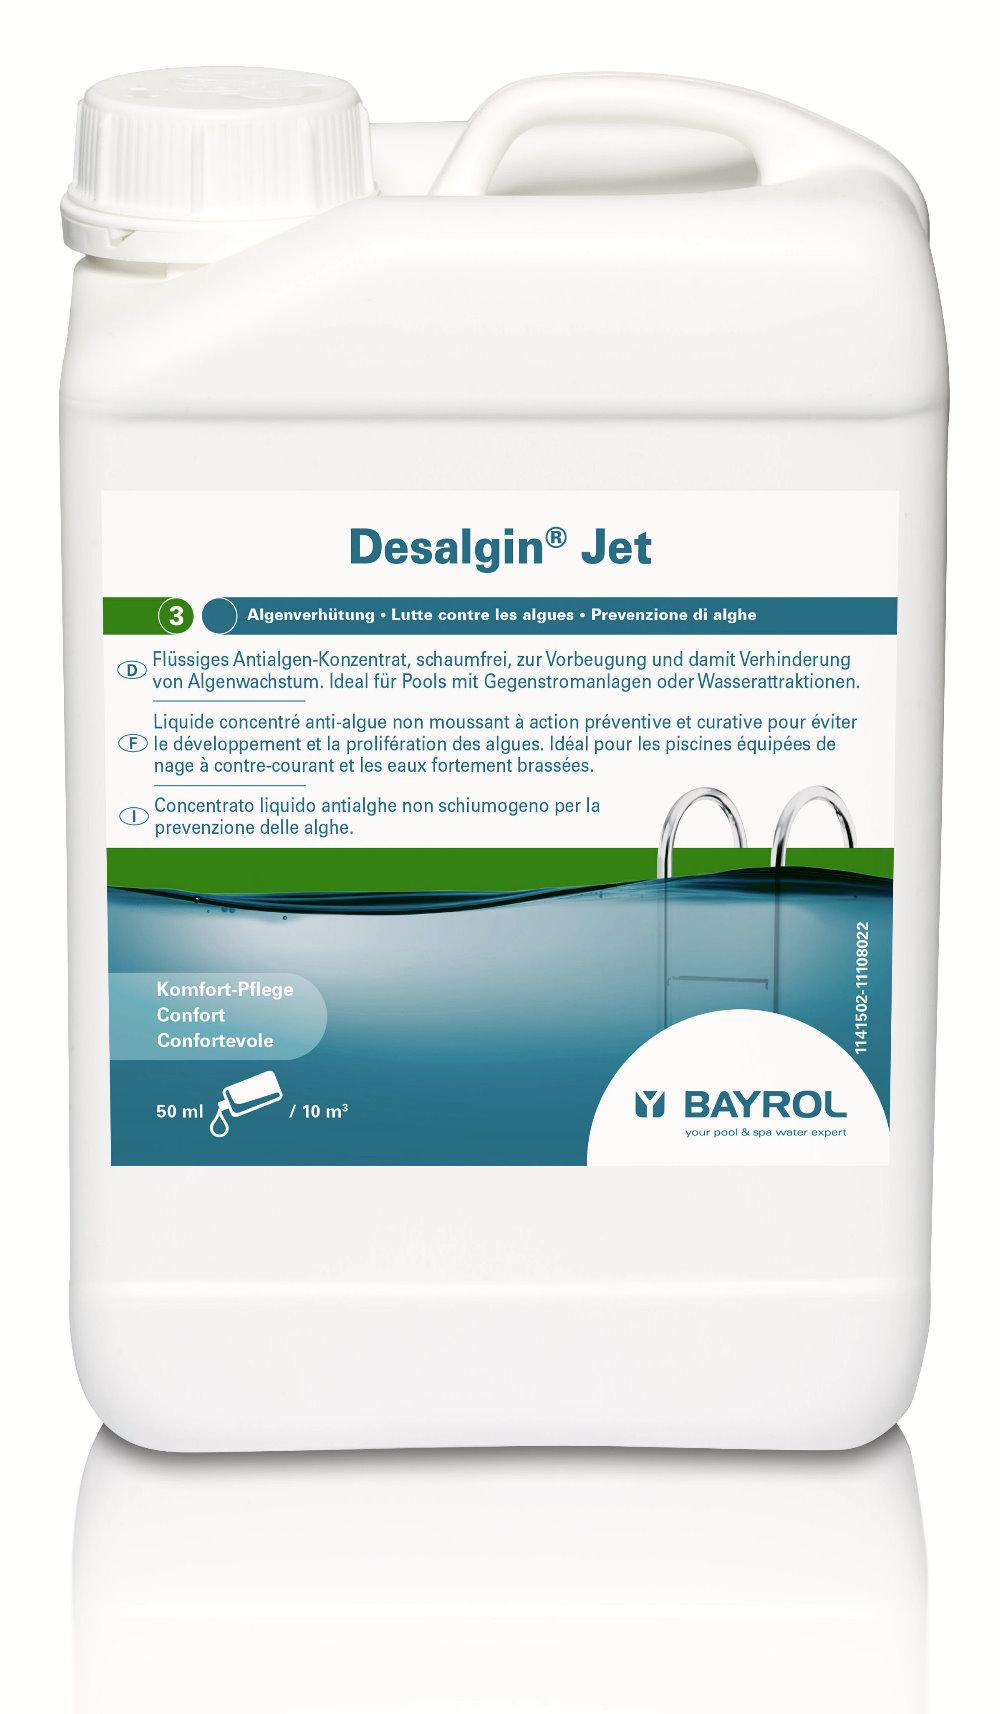 BAYROL Desalgin Jet 3 l